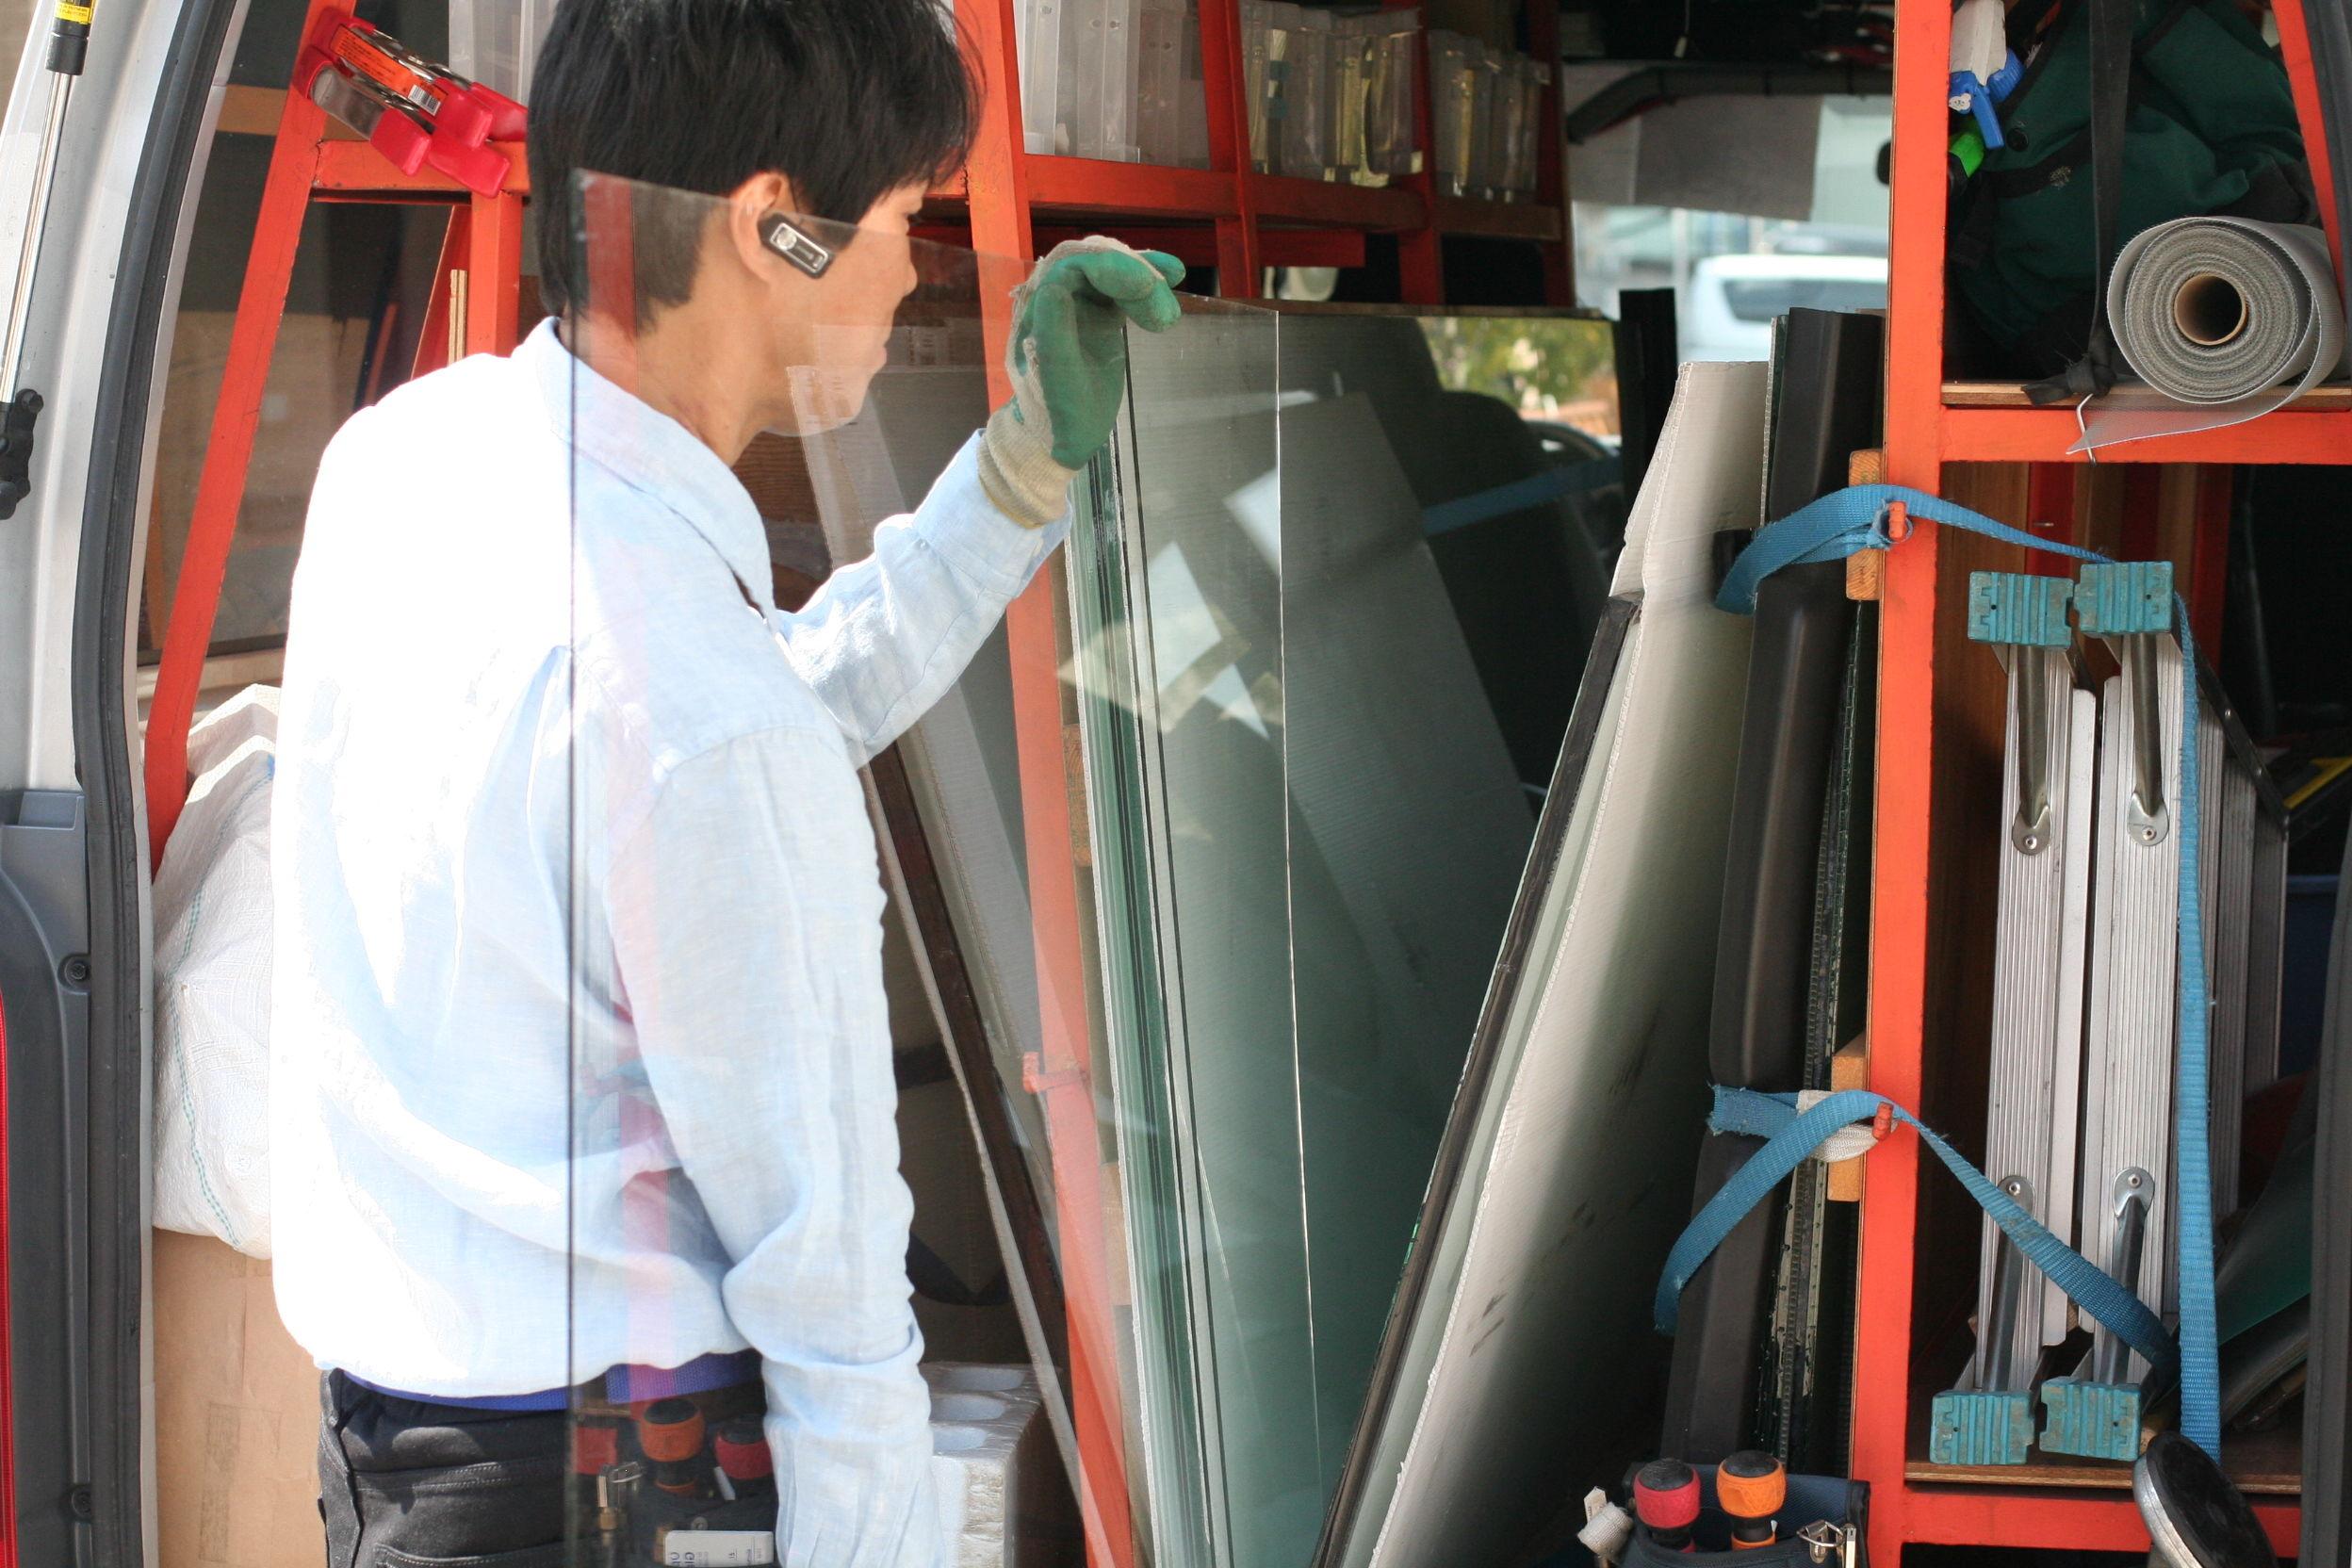 ガラスのトラブル救Q隊.24【あま市 出張エリア】のメイン画像